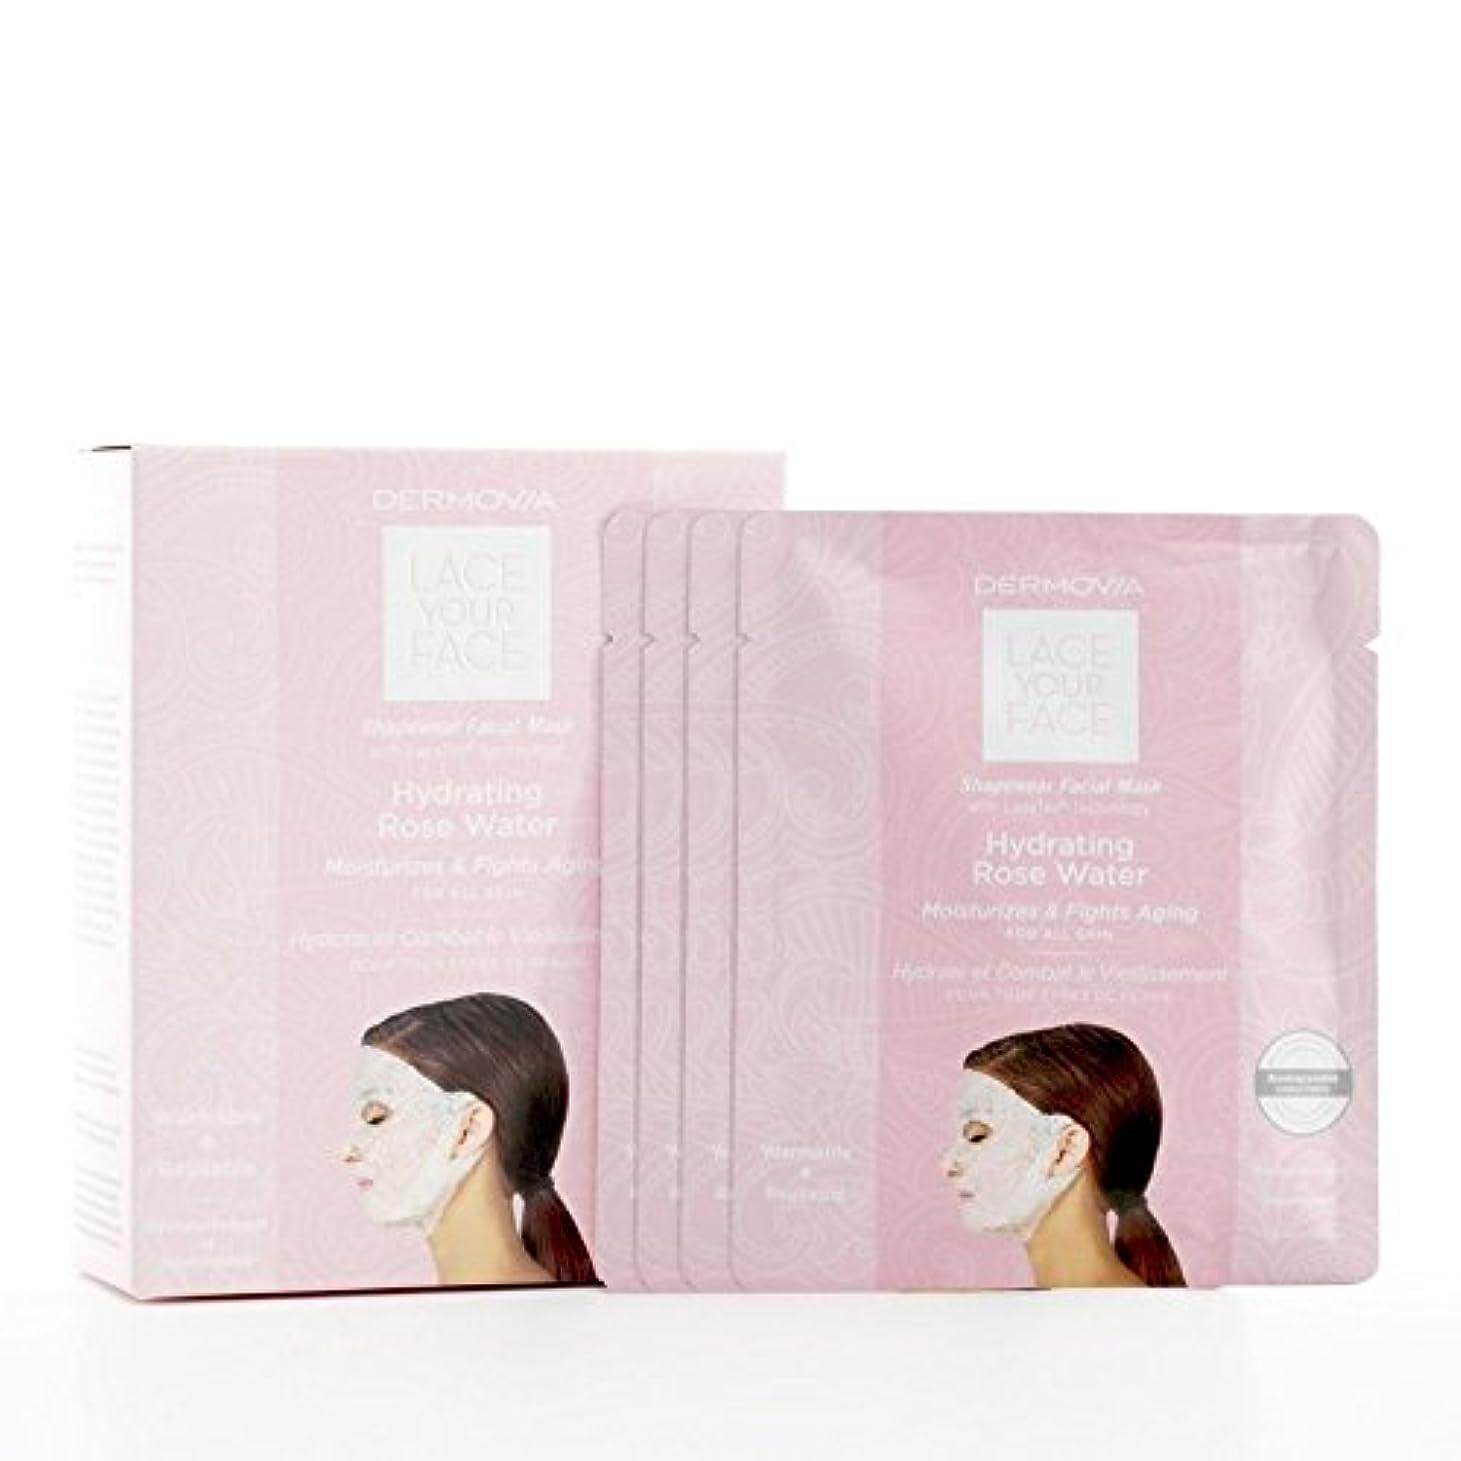 原子過度に乗ってDermovia Lace Your Face Compression Facial Mask Hydrating Rose Water (Pack of 6) - は、あなたの顔の圧縮フェイシャルマスク水和が水をバラレース...